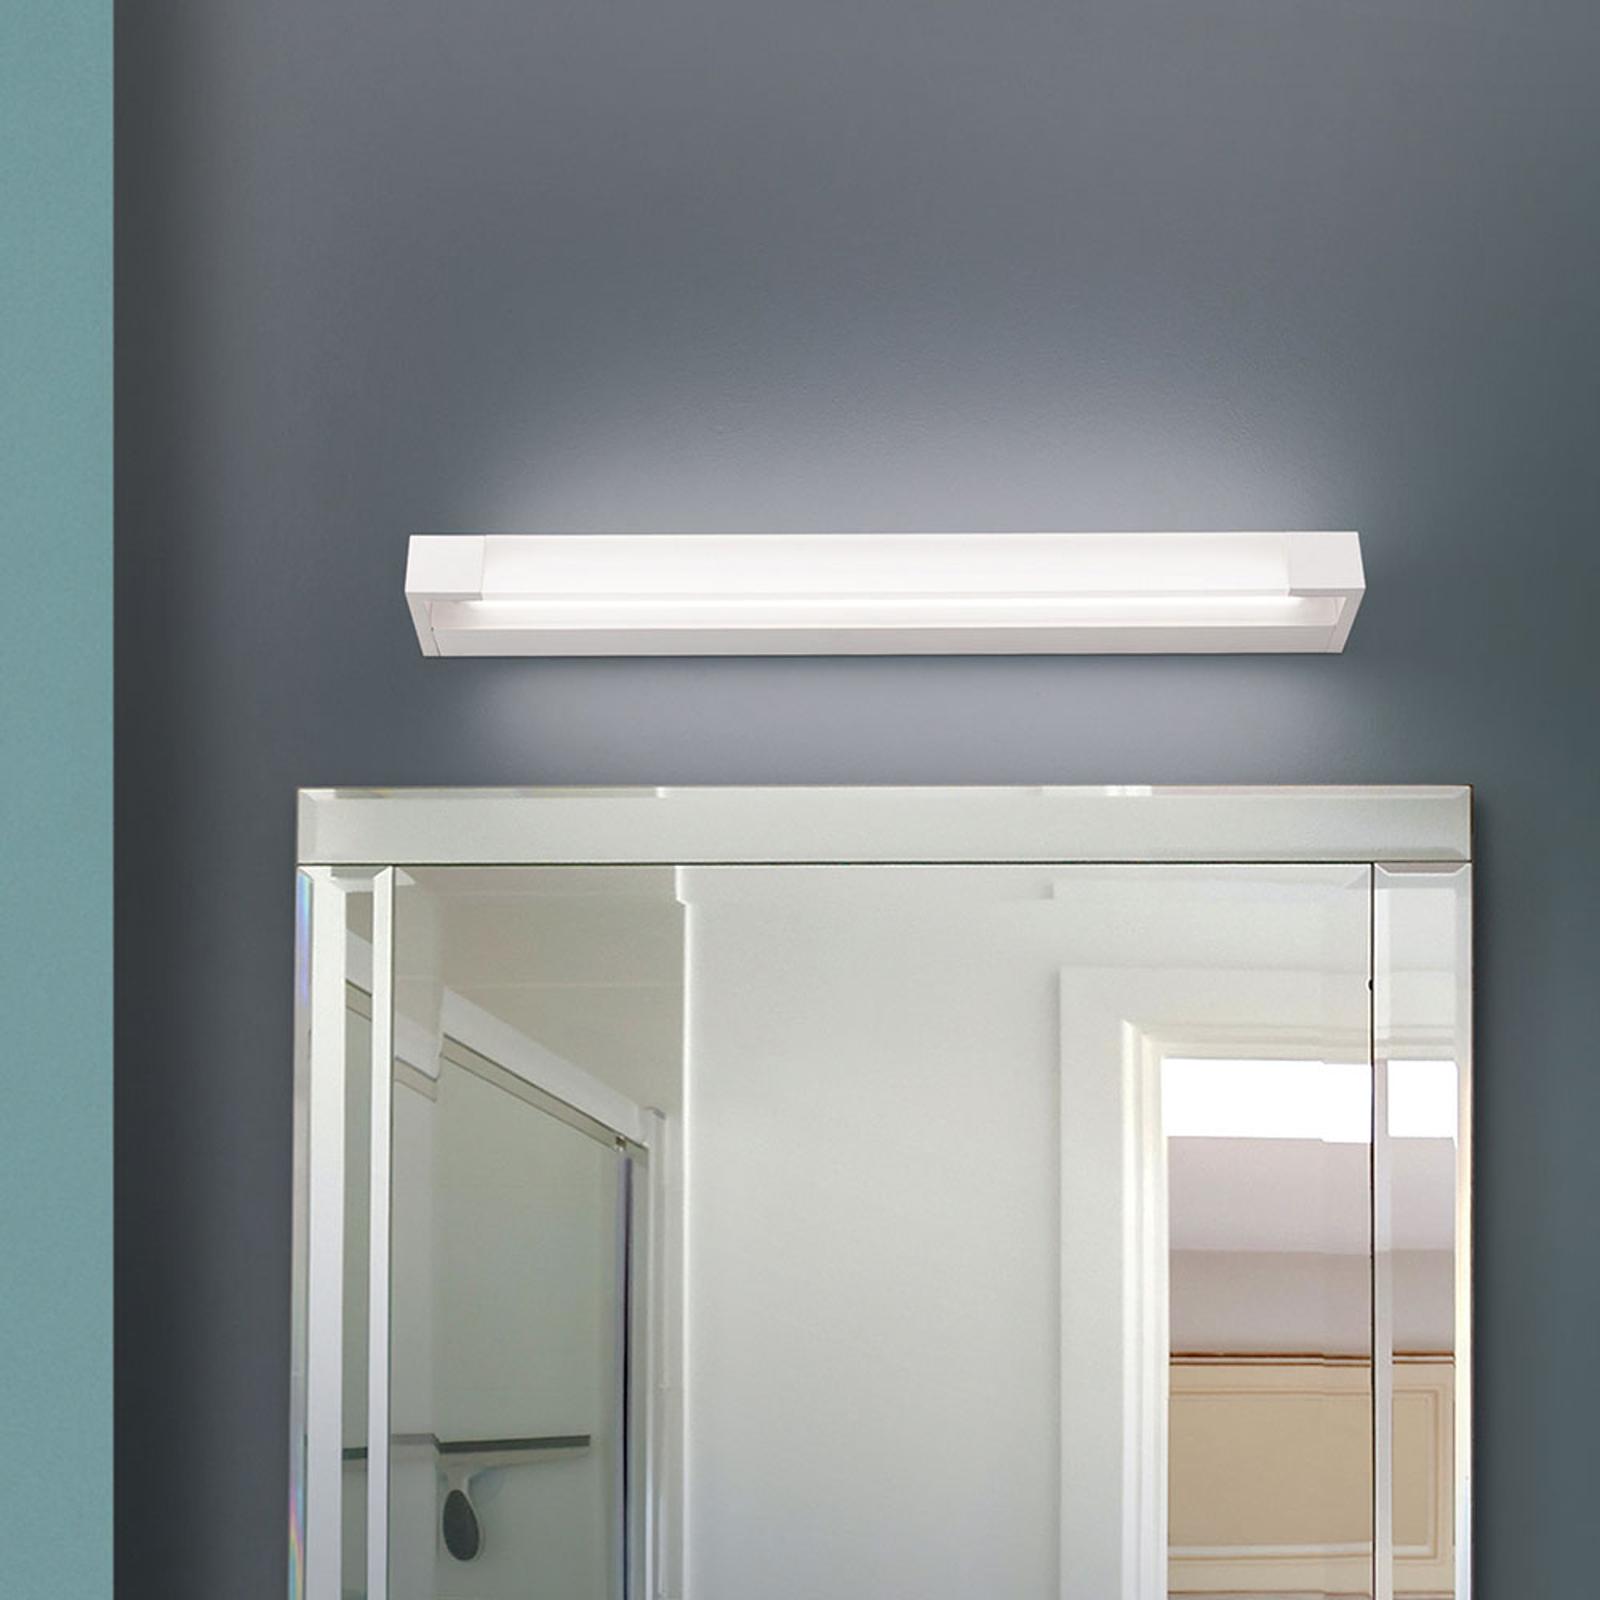 Applique pour miroir LED Marilyn 57cm blanche